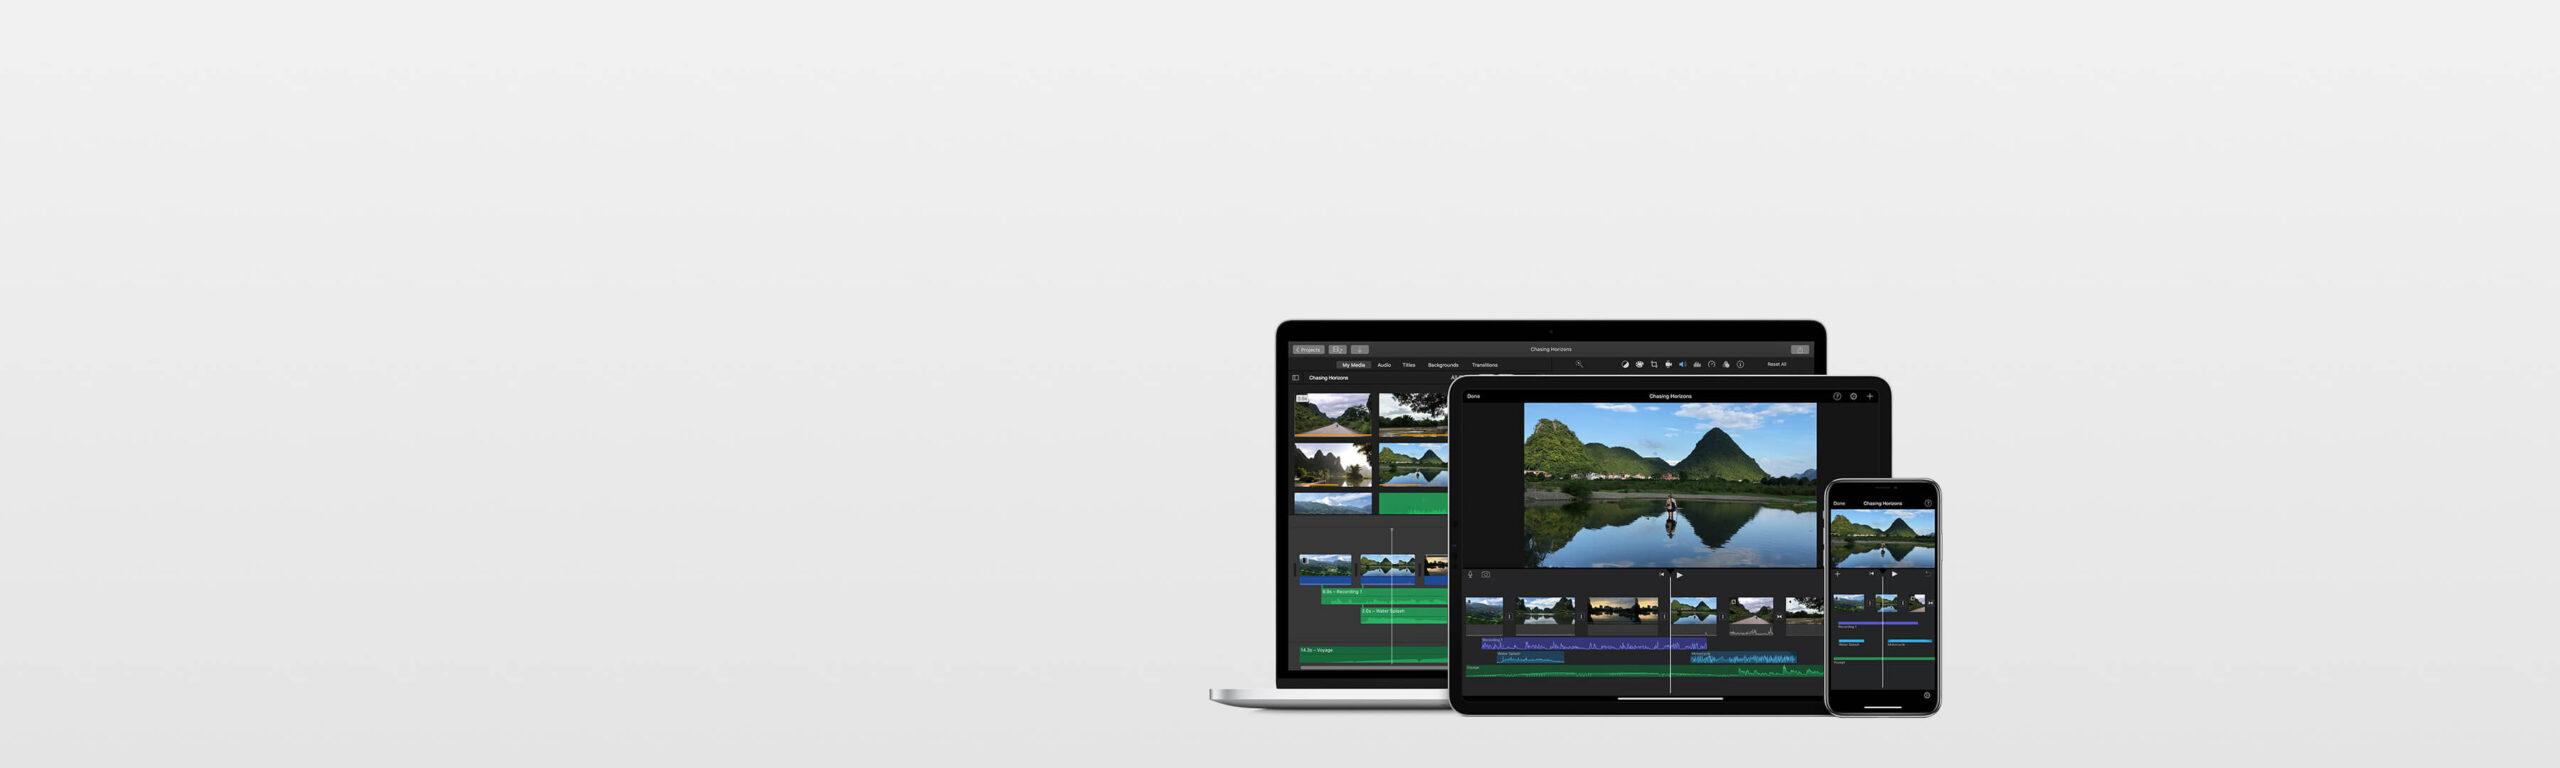 تحميل برنامج ايموفي للايفون مجانا : iMovie iOS القديم بدون جلبريك